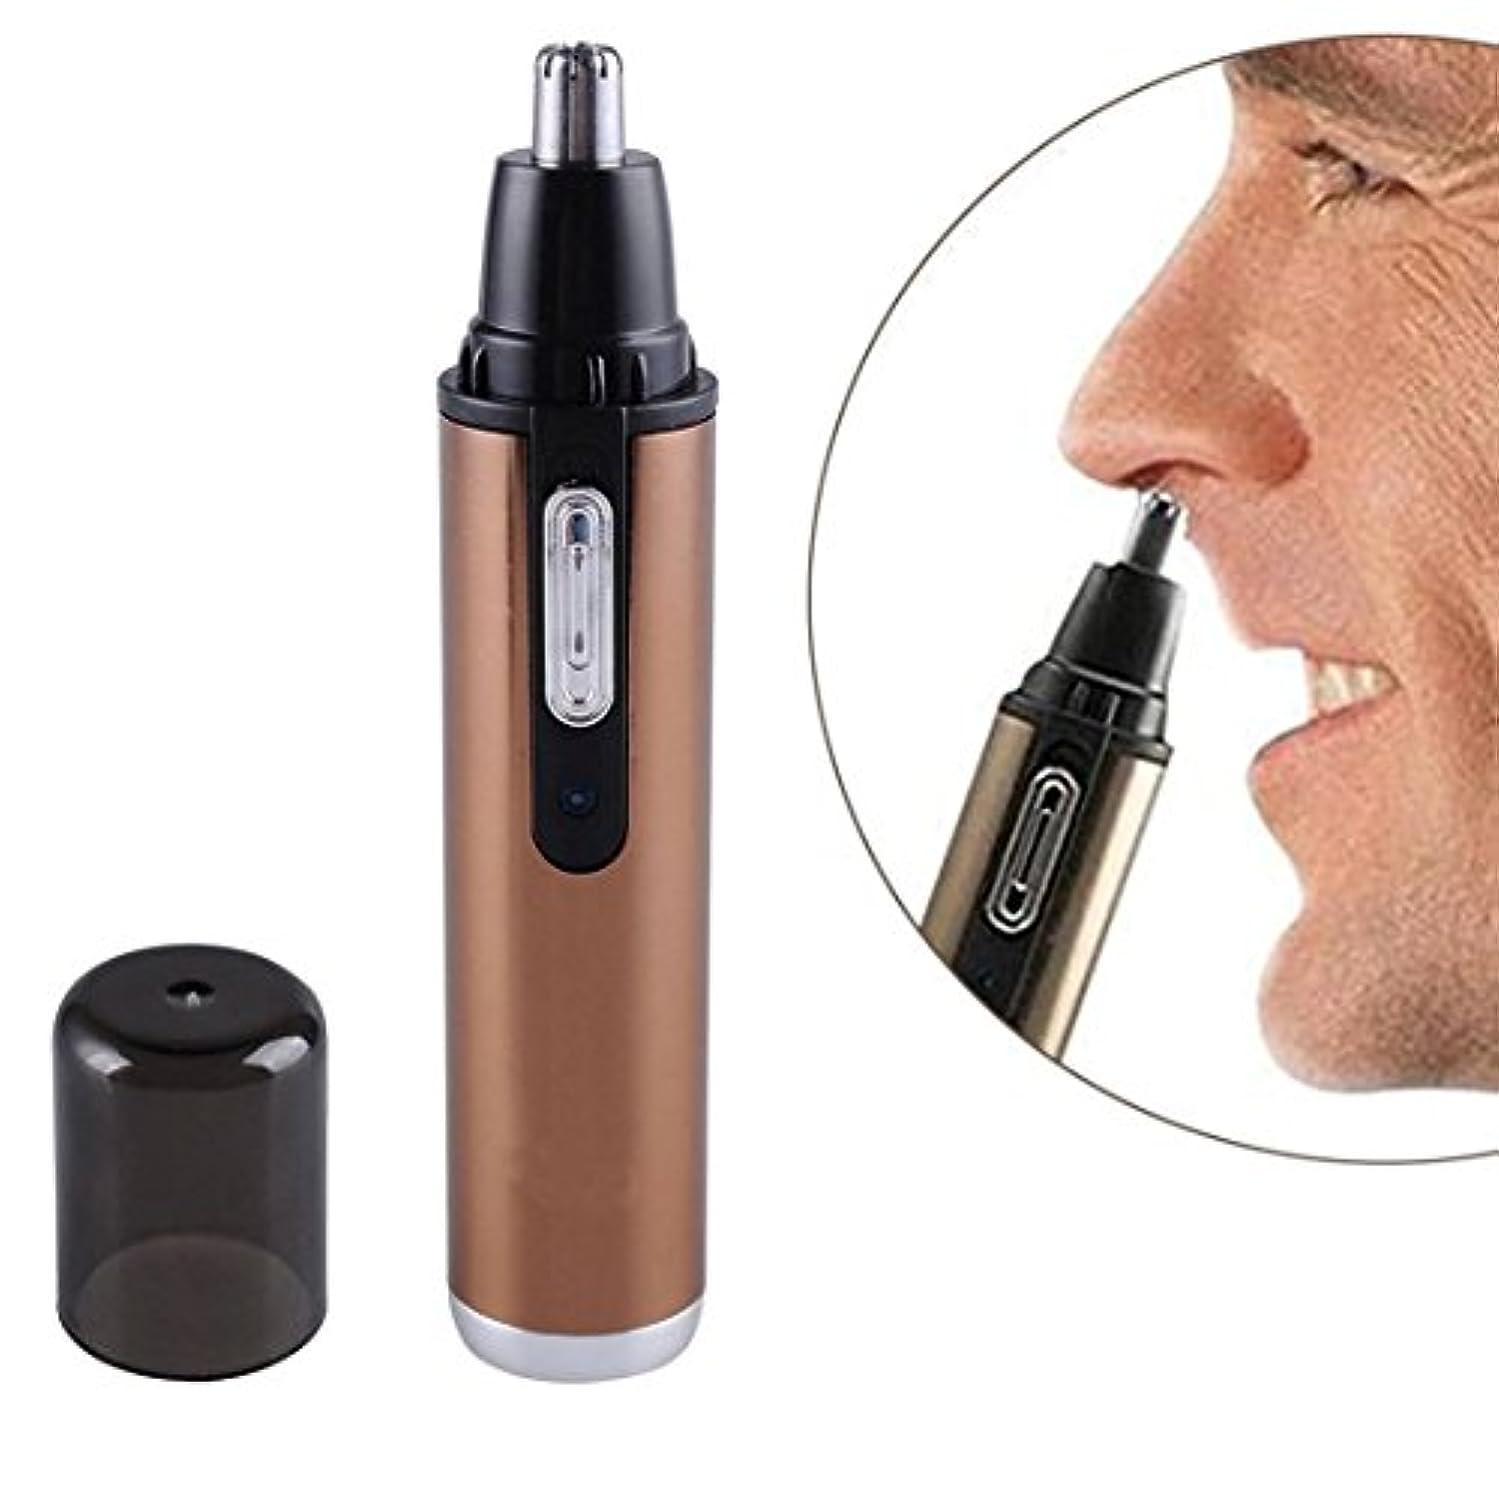 家庭教師伝説原始的な男性の眉毛と鼻毛のトリマー、充電式のプロの無痛脱毛ステンレス鋼刃かみそり